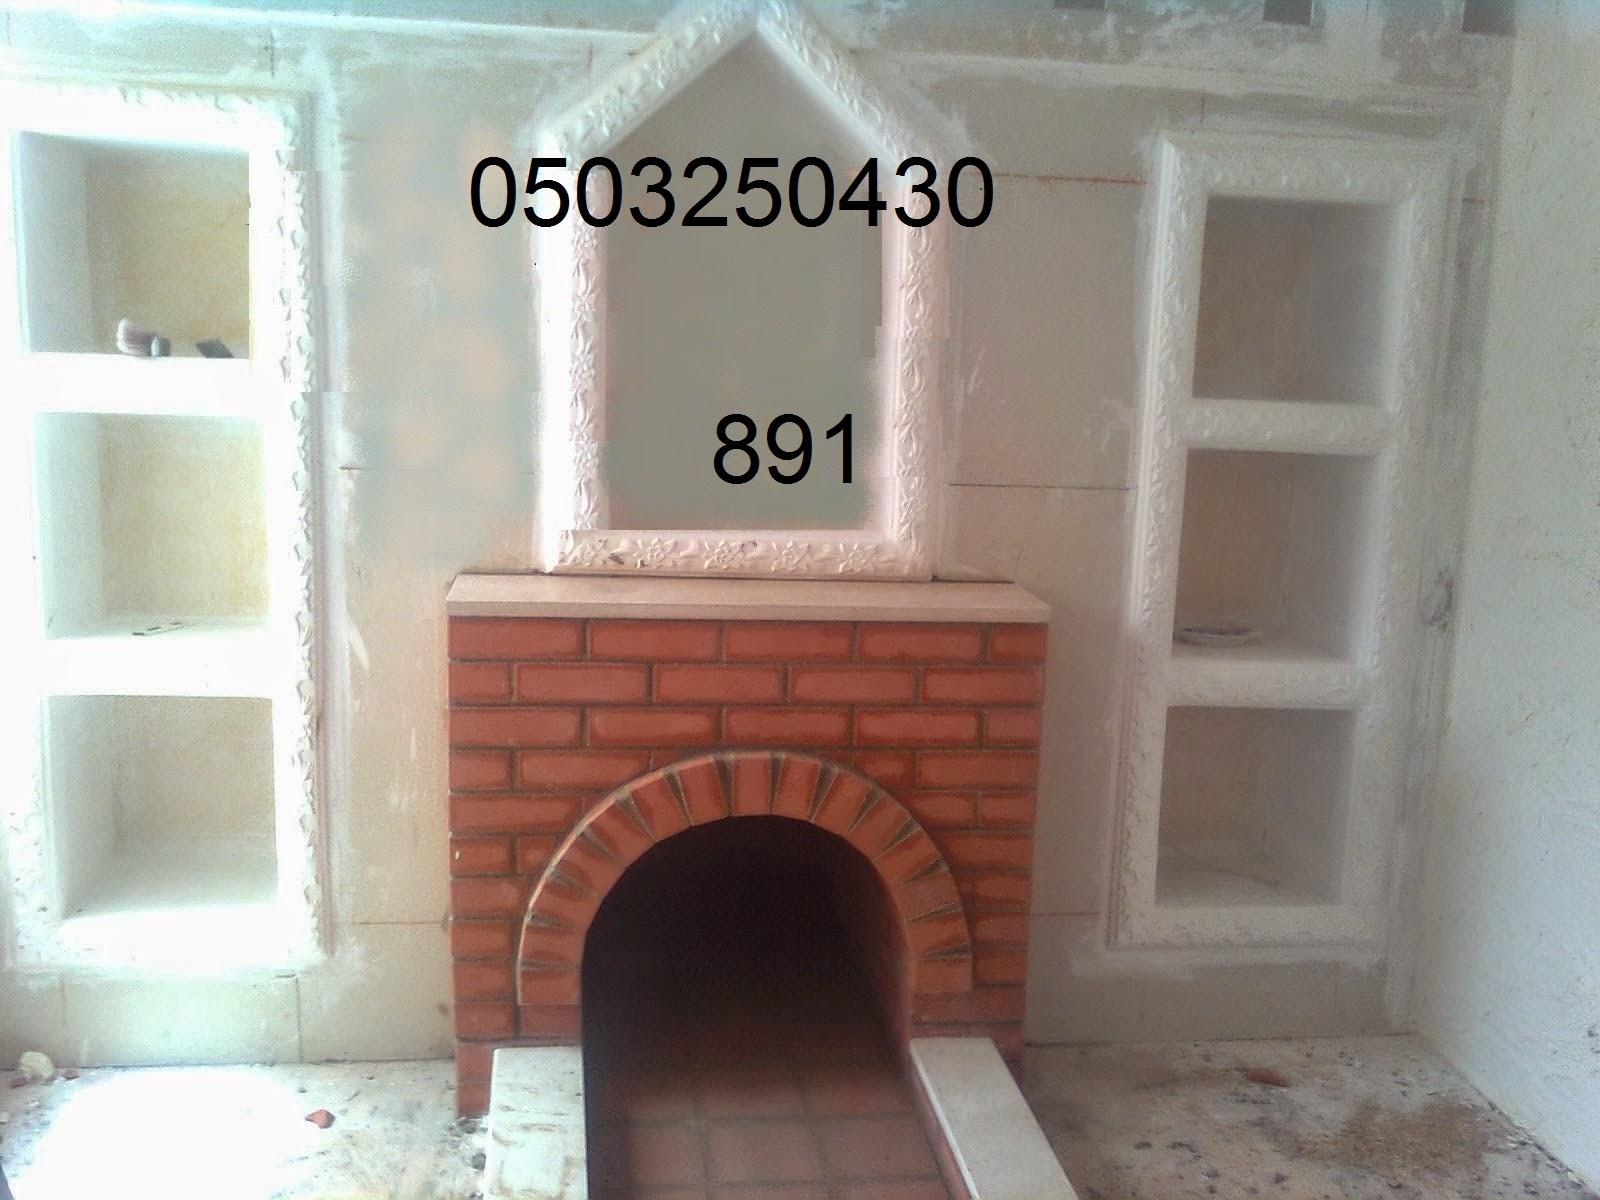 """<img src=""""http://4.bp.blogspot.com/-WBuTuivtnvM/U3fKturTGvI/AAAAAAAABGA/rHrs5qNcD_o/s1600/%D8%AF%D9%8A%D9%83%D9%88%D8%B1%D8%A7%D8%AA+%D9%85%D8%B4%D8%A8%D8%A7%D8%AA+891.jpg"""" alt=""""ديكورات-مشبات"""" />"""